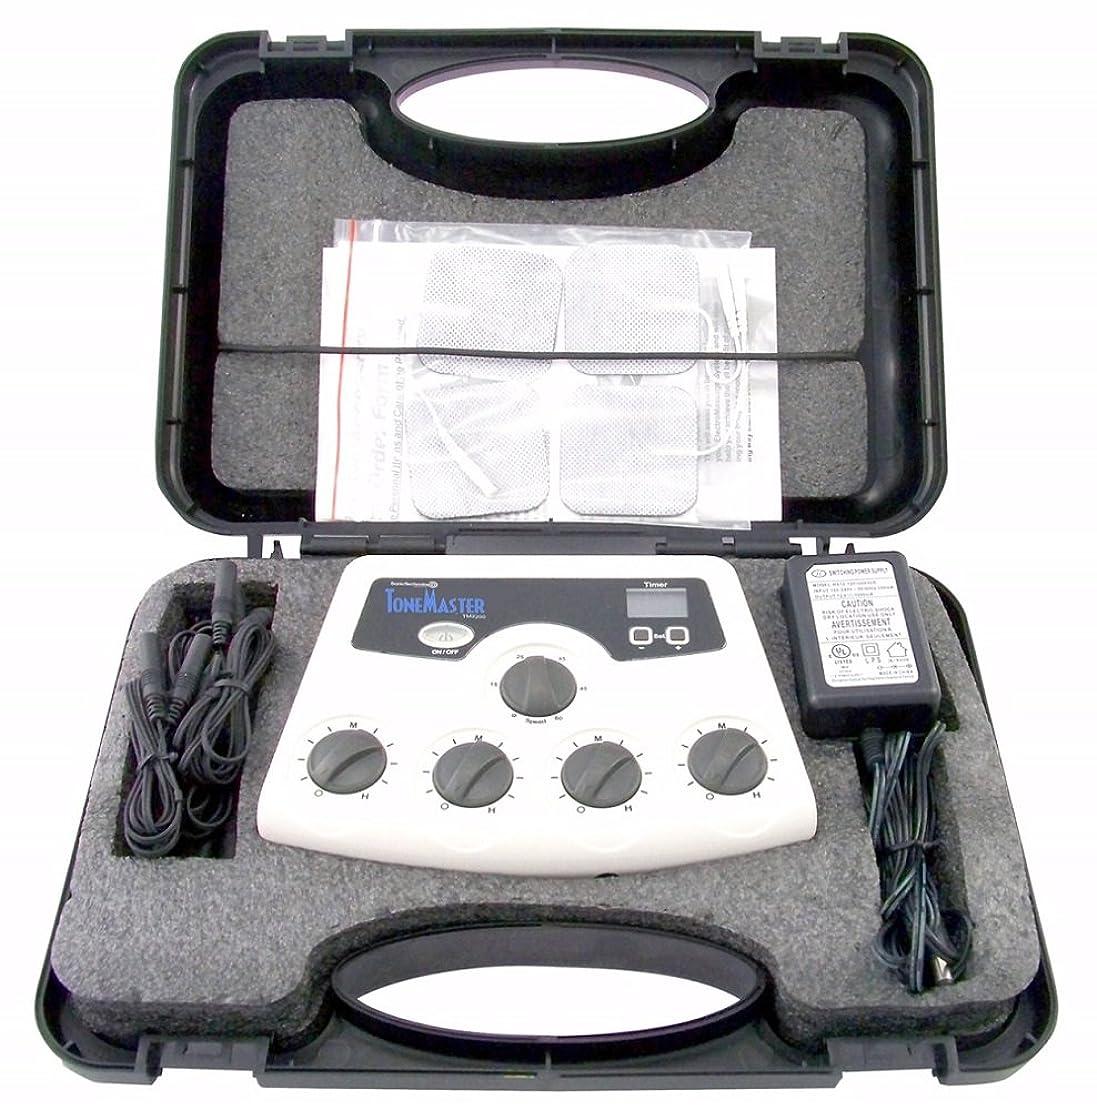 聡明時刻表導体【米国ソニックテクノロジー社開発】 ポータブルで屋外でも使えるEMS TM-2200 【正規ルート輸入品】